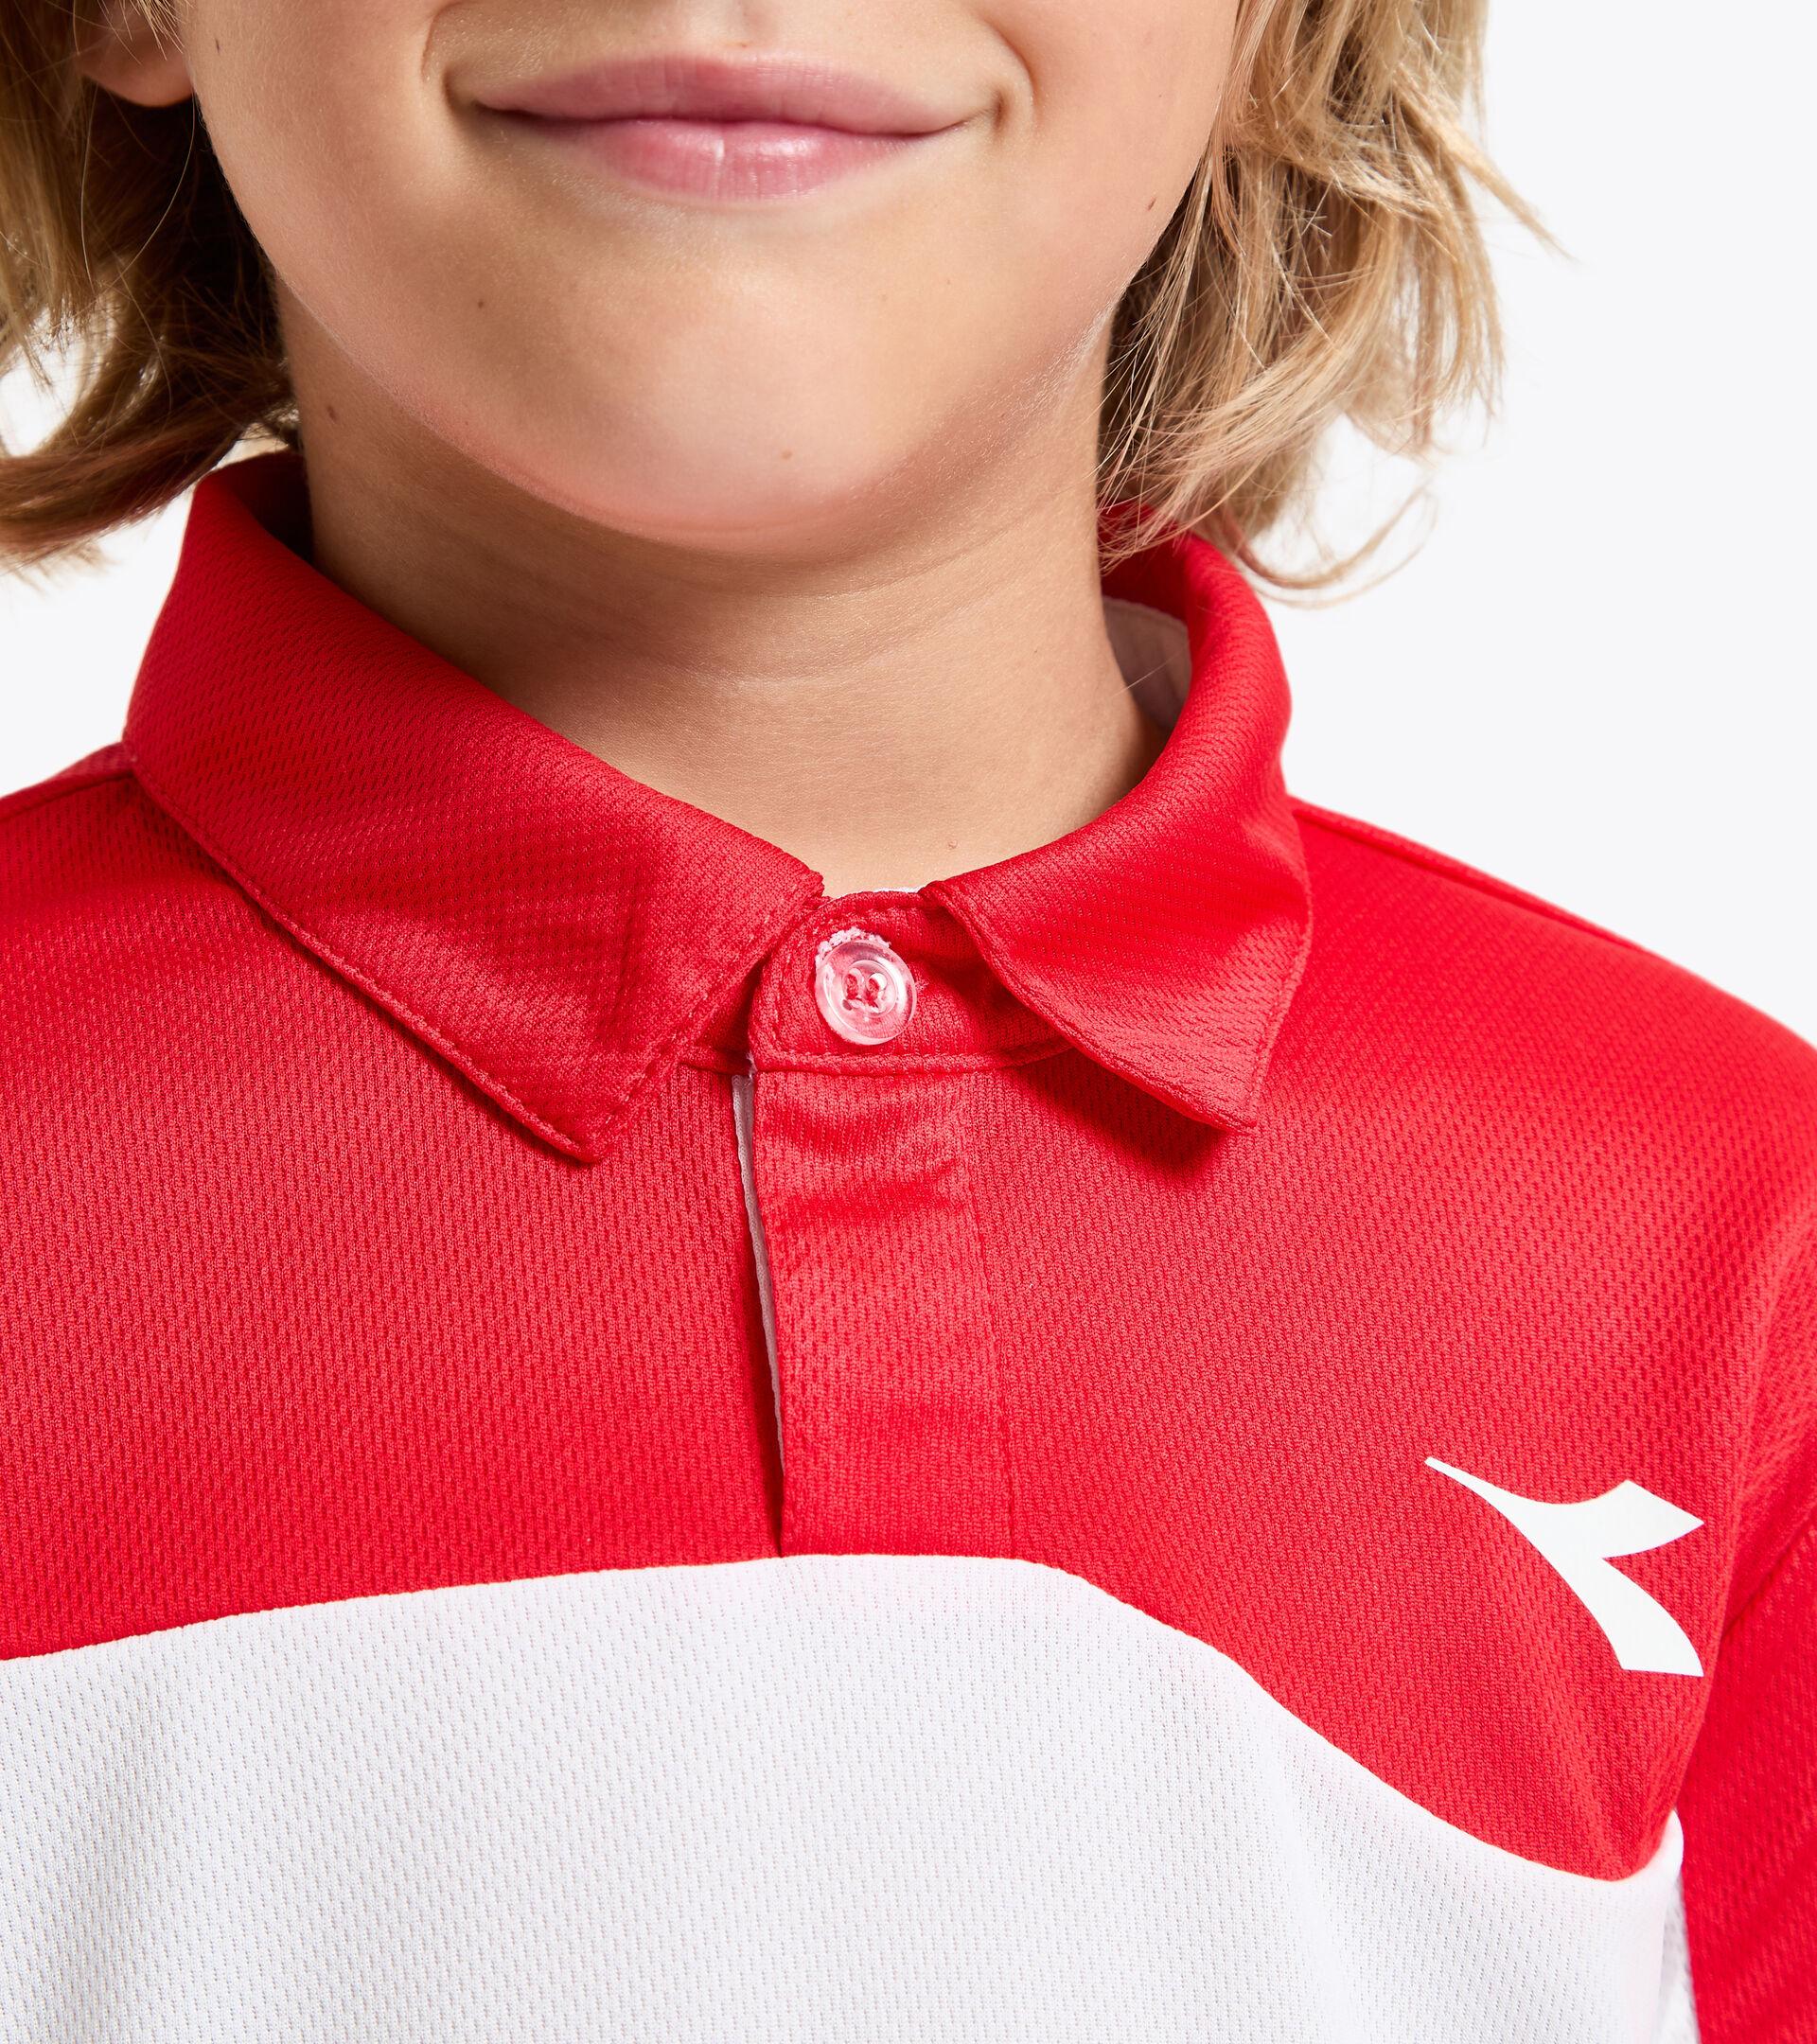 Apparel Sport BAMBINO J. POLO COURT TOMATO RED Diadora